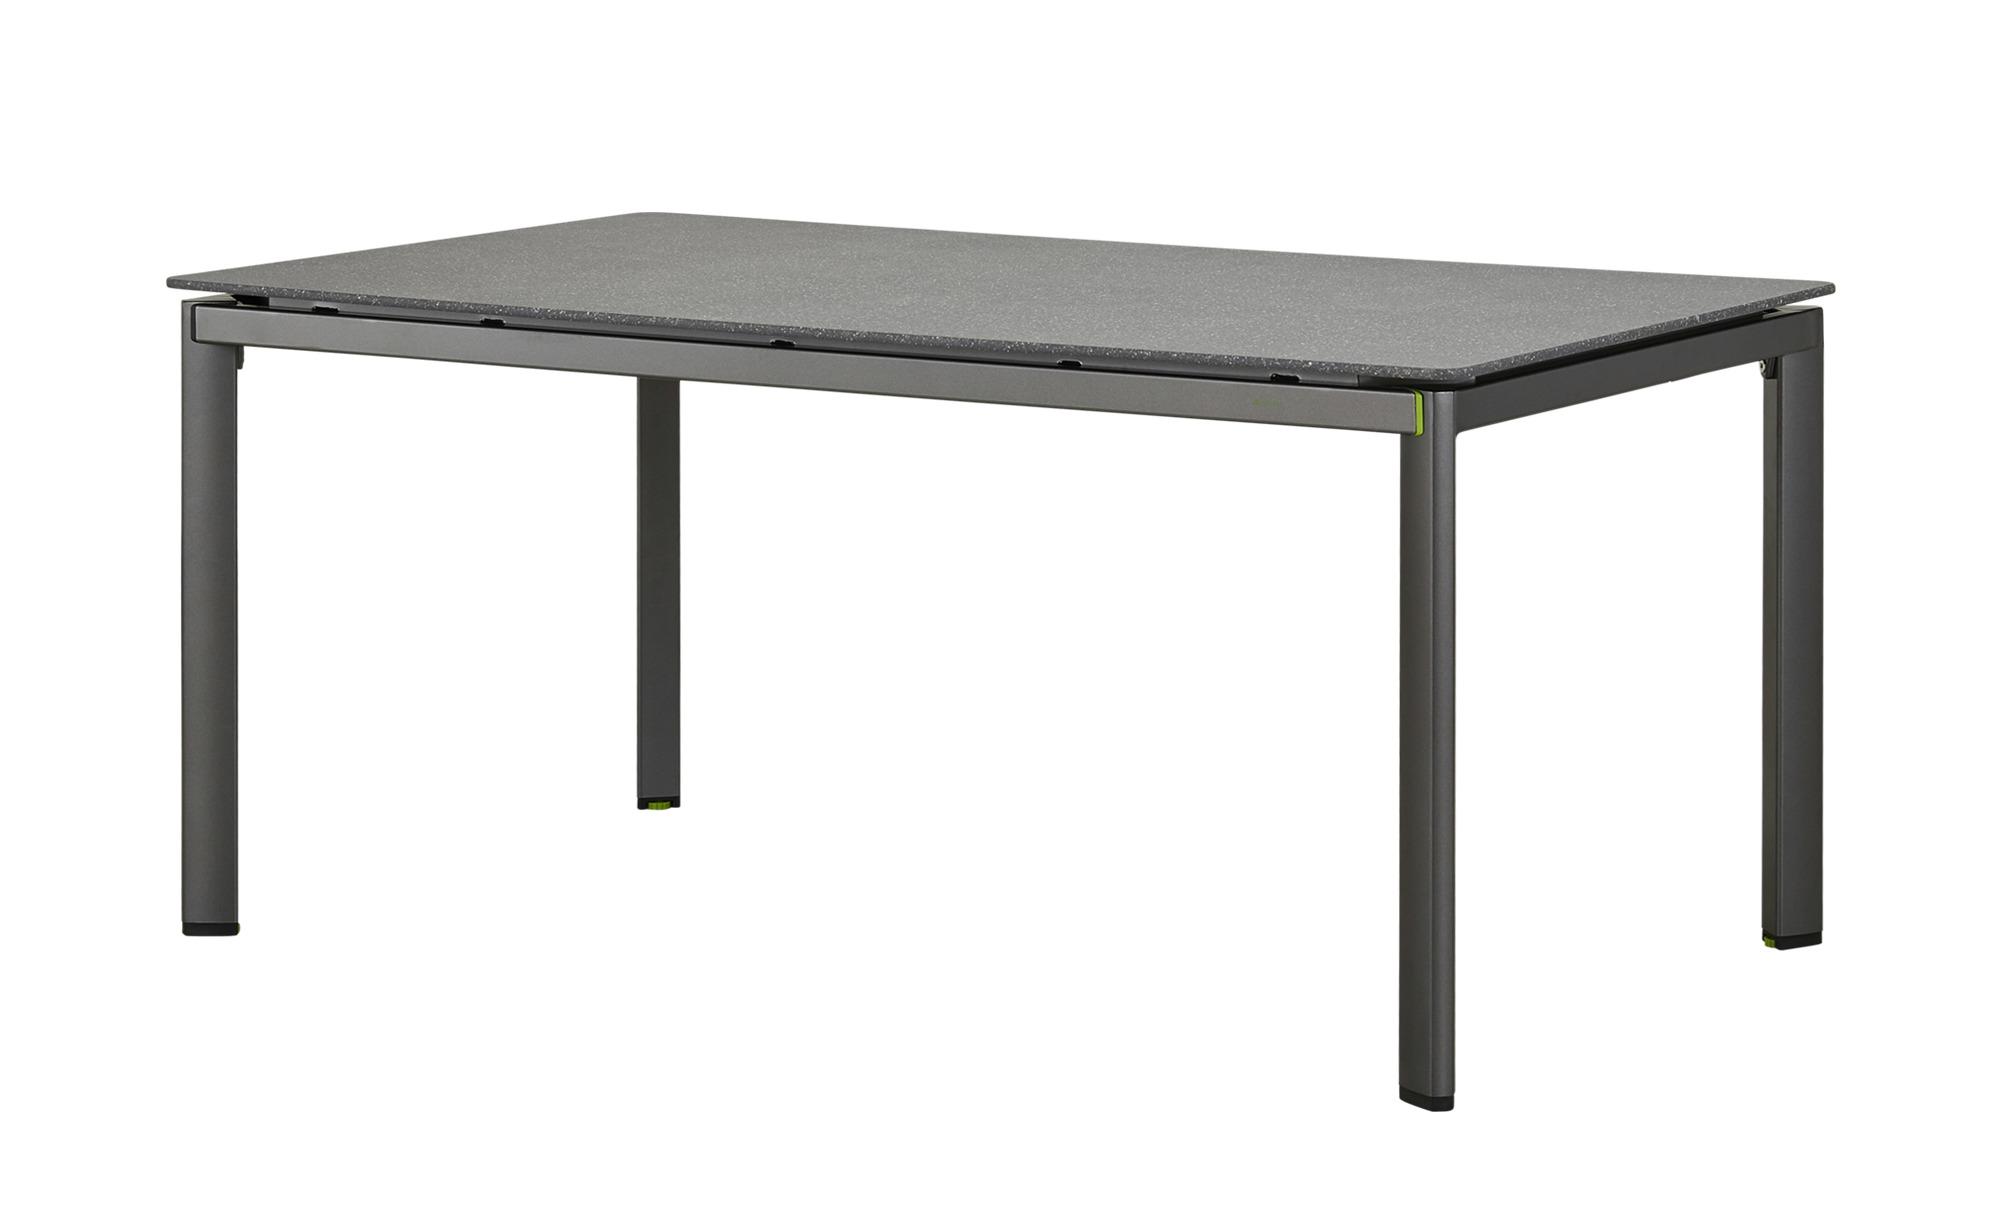 MWH Gartentisch Amico - grau - Materialmix - 95 cm - 74 cm - Höffner ...